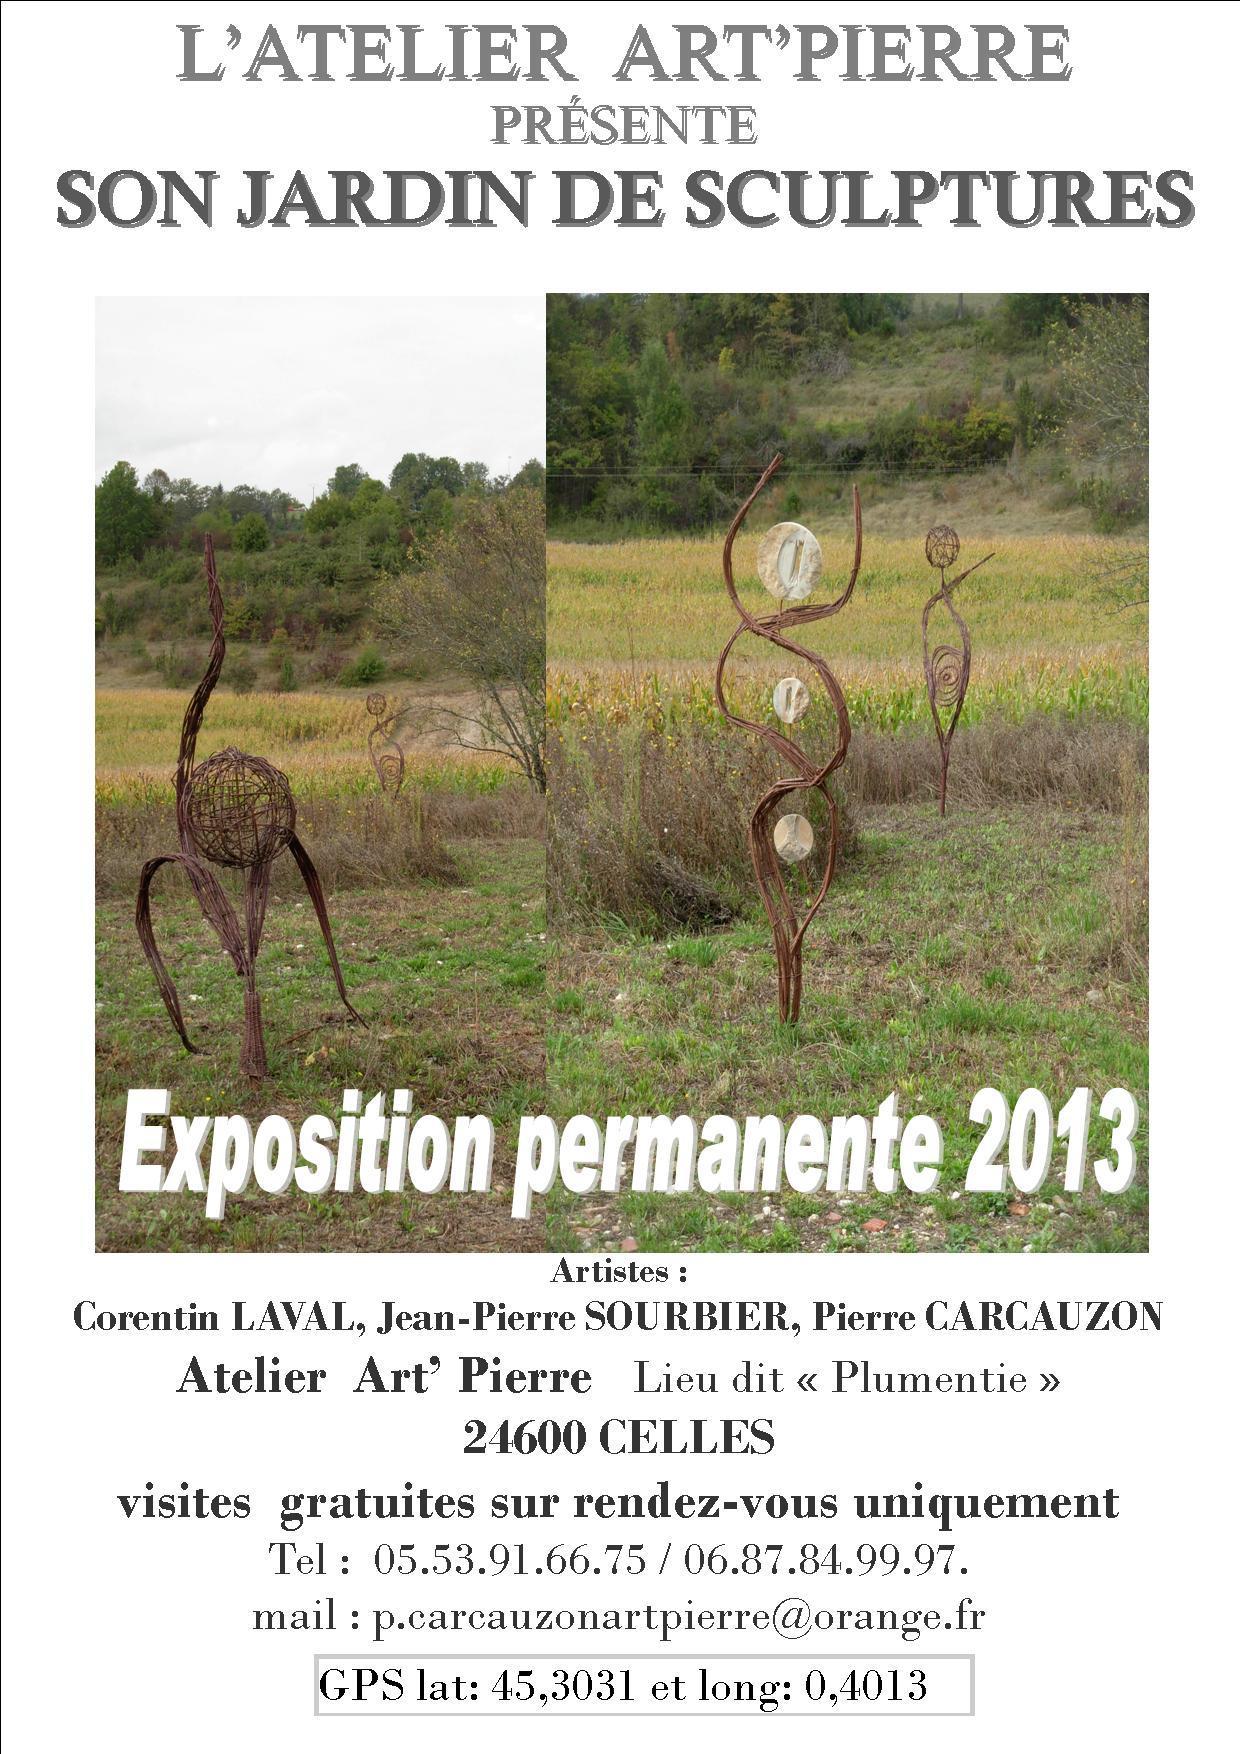 Actualité de Atelier Art' Pierre jardin de sculptures